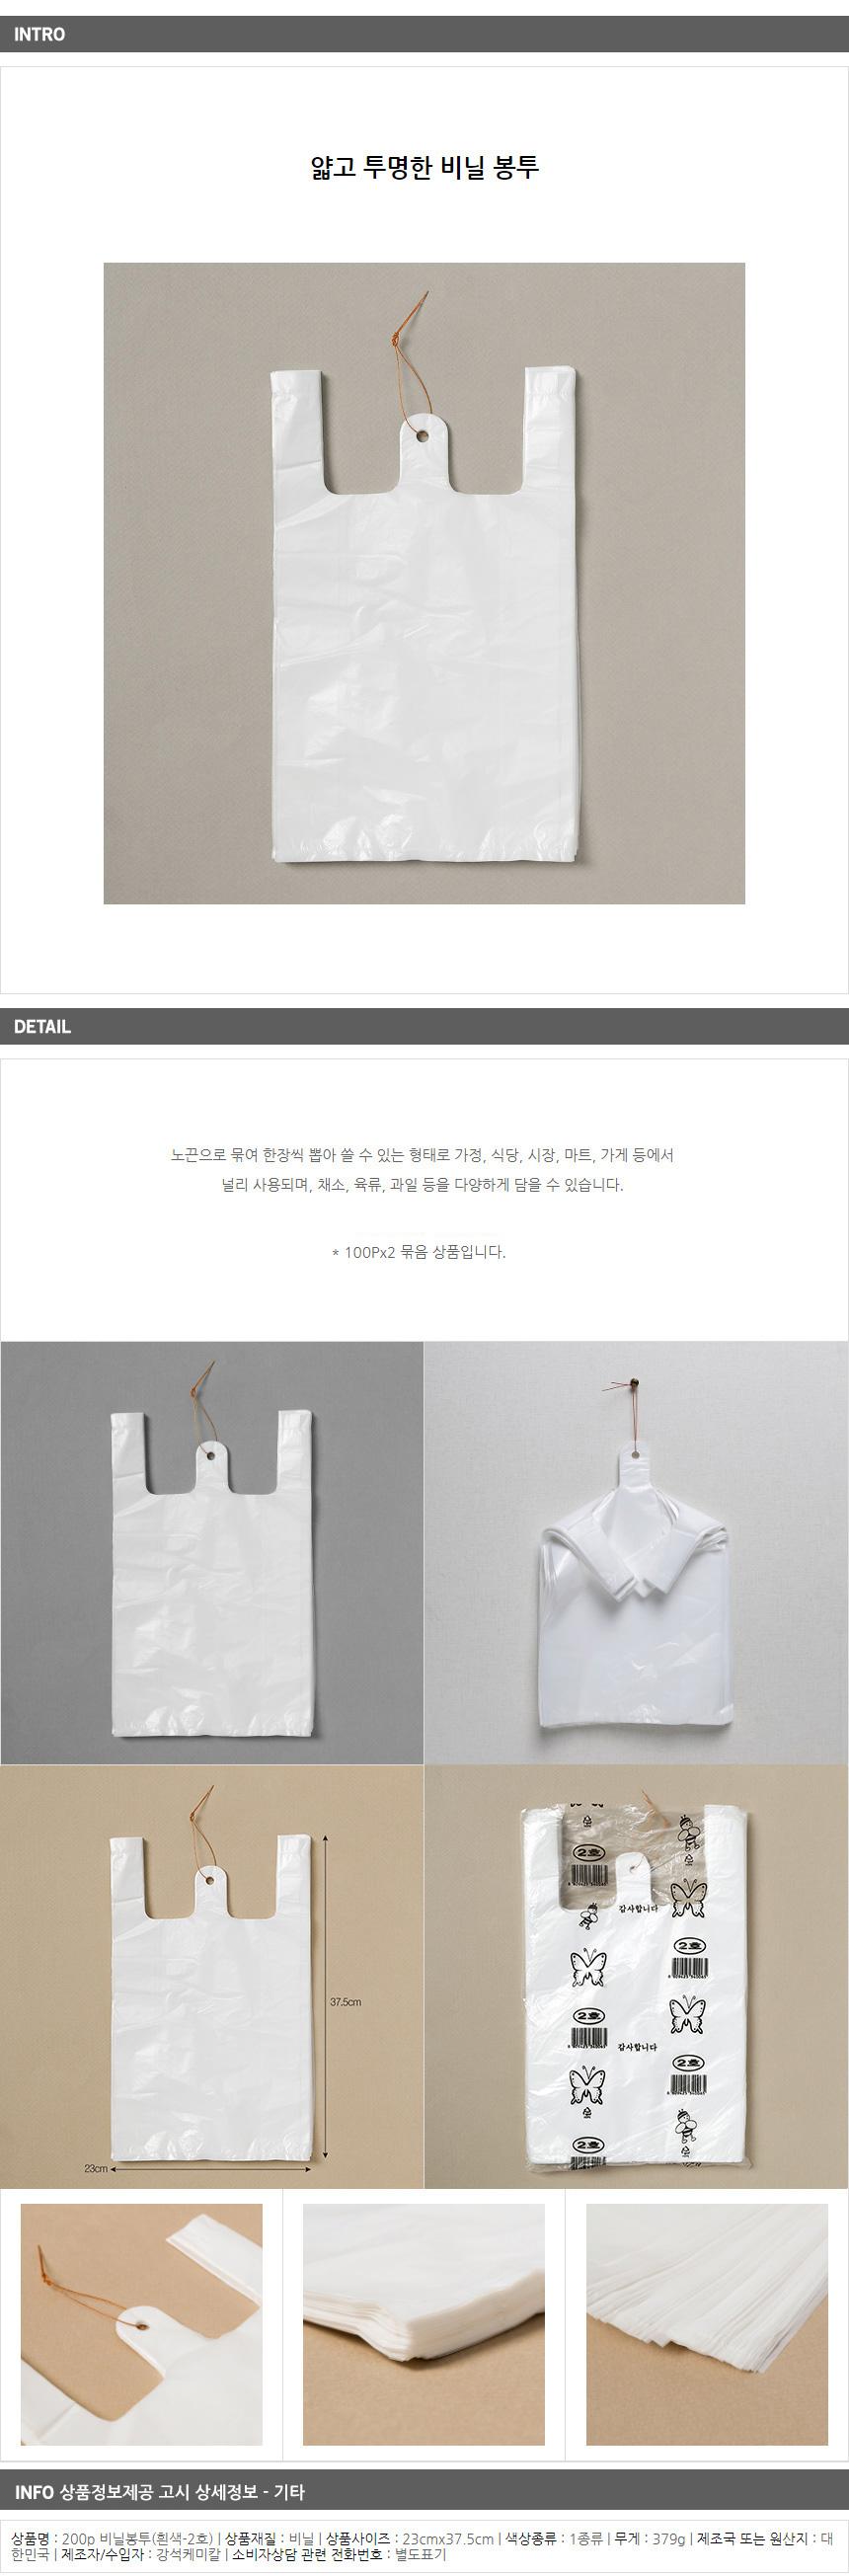 비닐봉투 200매 (2호) 흰색비닐봉지 마트봉지 - 기프트갓, 3,000원, 주방소품, 주방 소모품